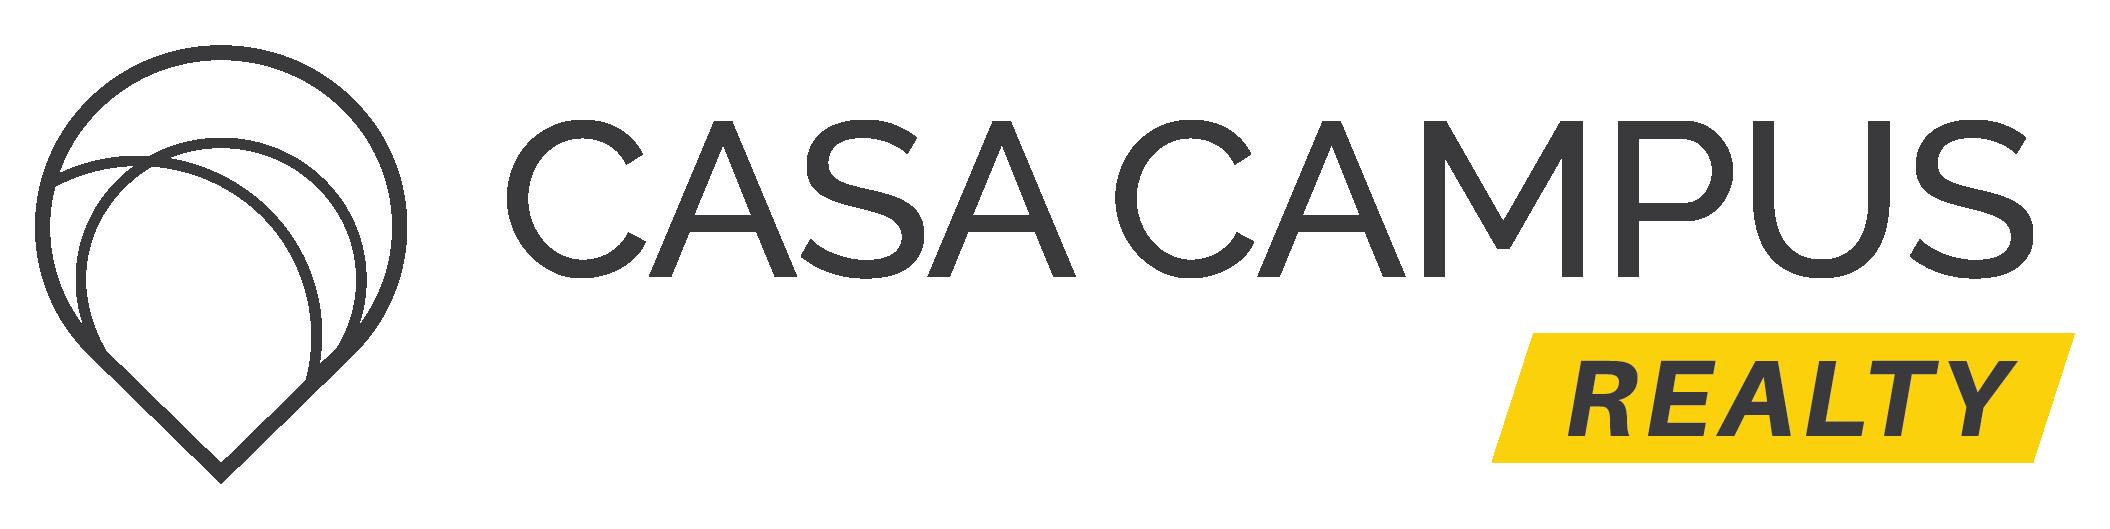 Casa Campus Realty logo n.png